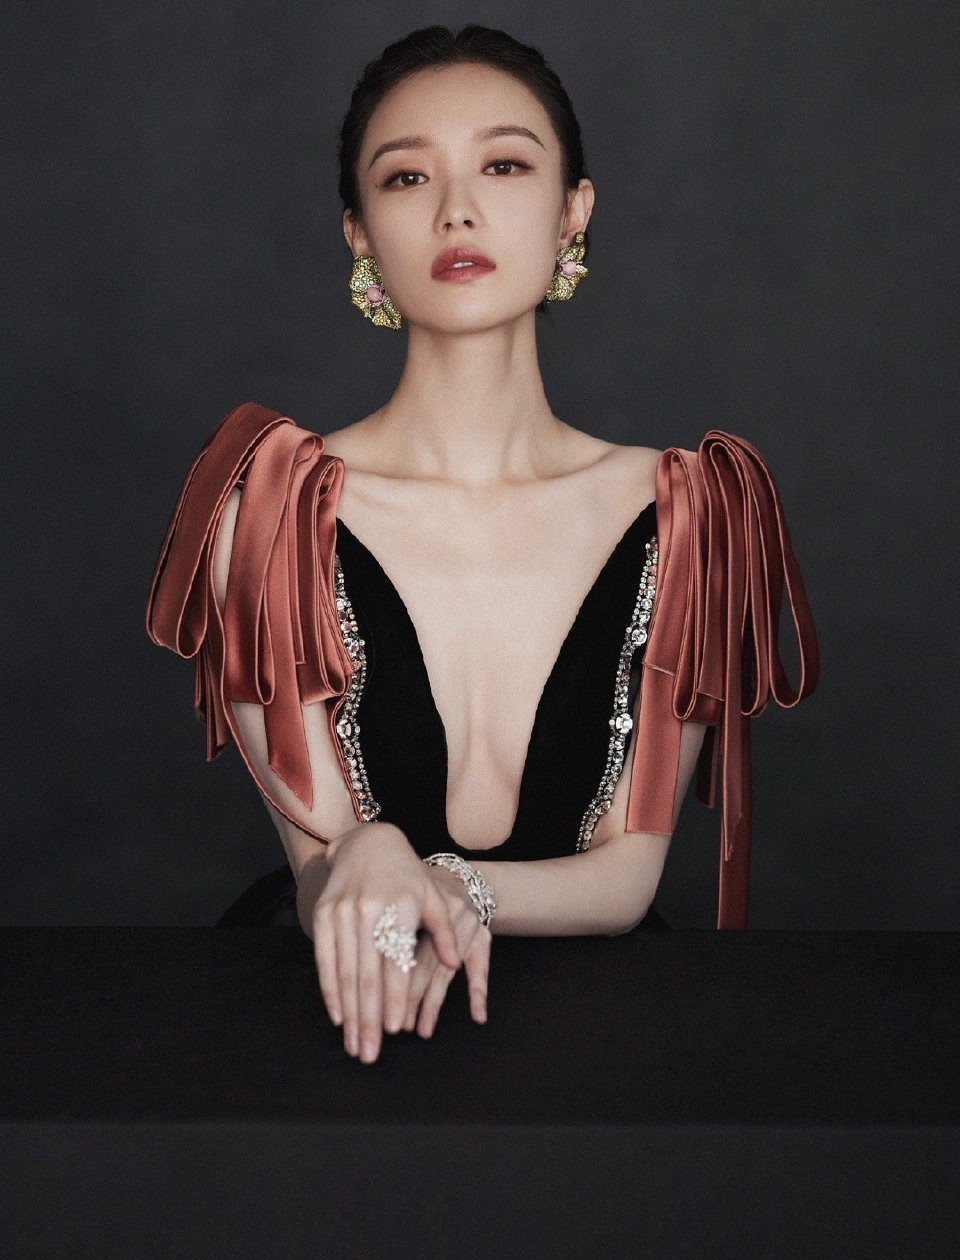 时尚芭莎派对女明星礼服造型大赏,杨颖精修图被粉丝嫌弃